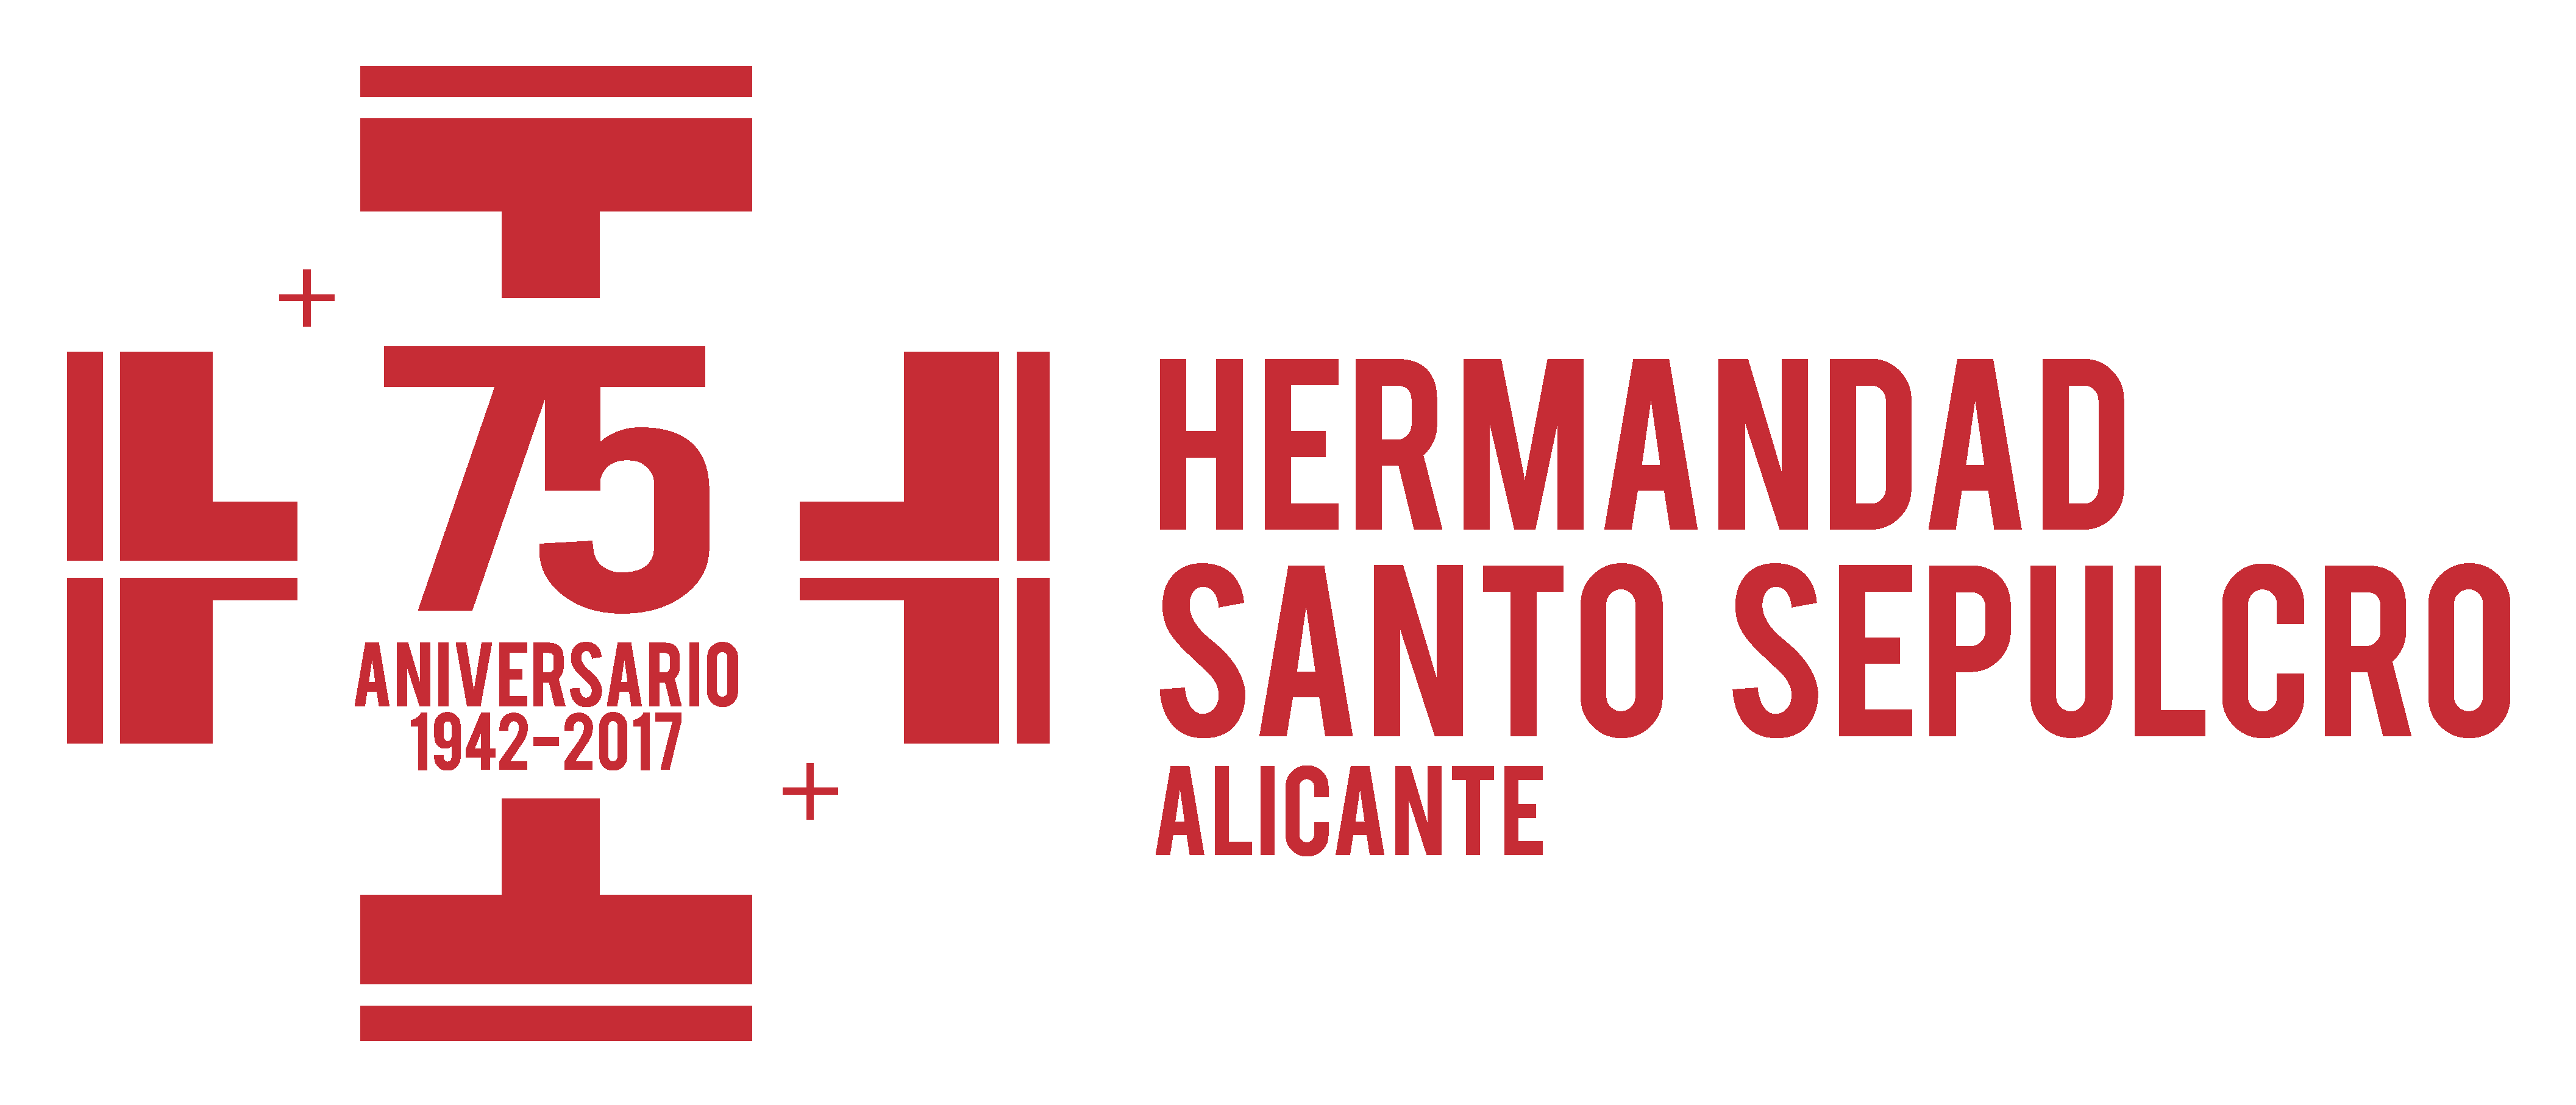 Logotipo Hermandadsantosepulcro HOR